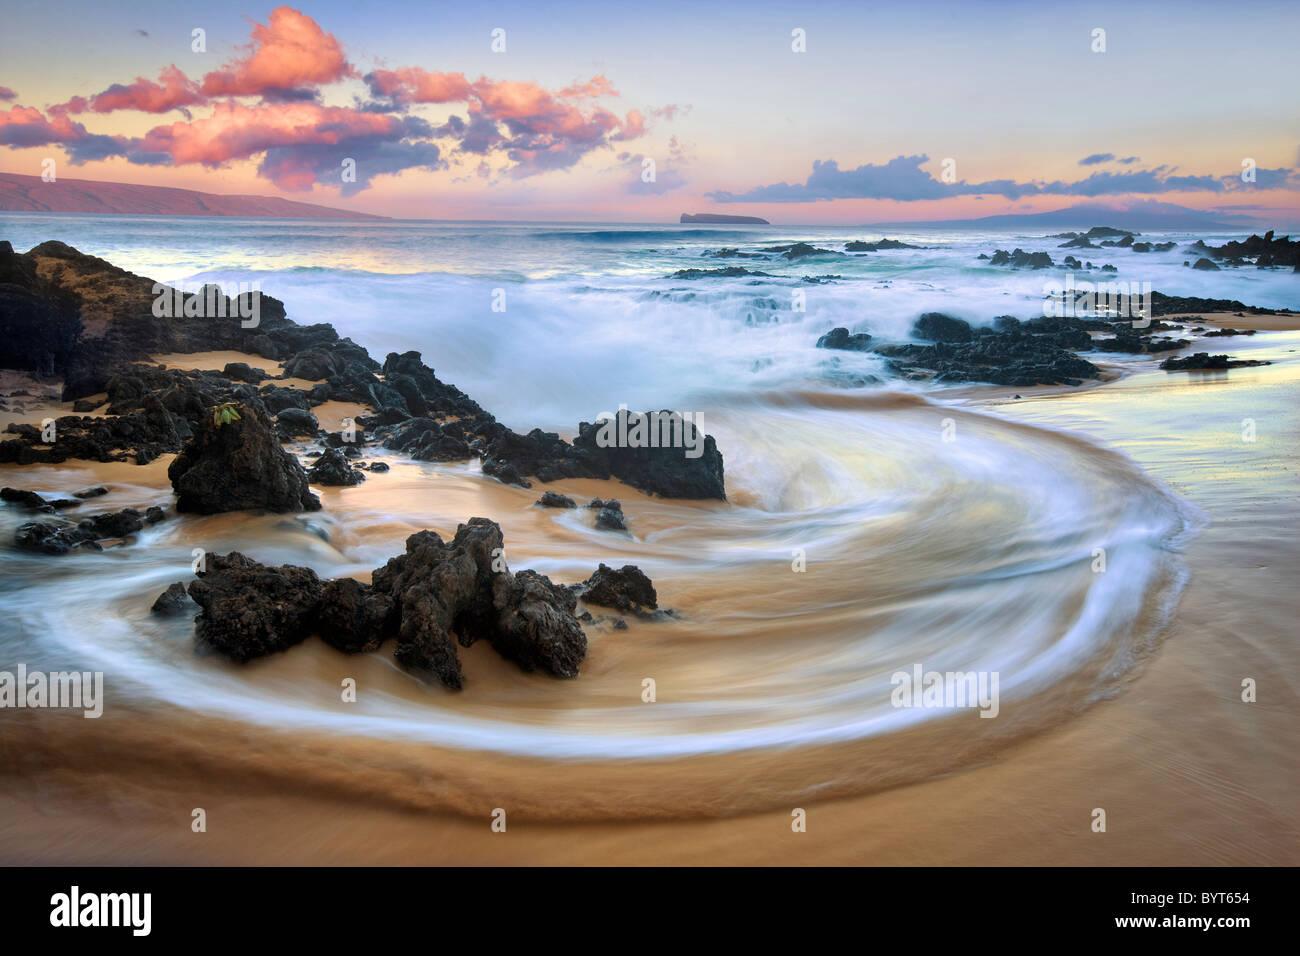 Modello di onda e nuvole di sunrise. Maui, Hawaii Immagini Stock